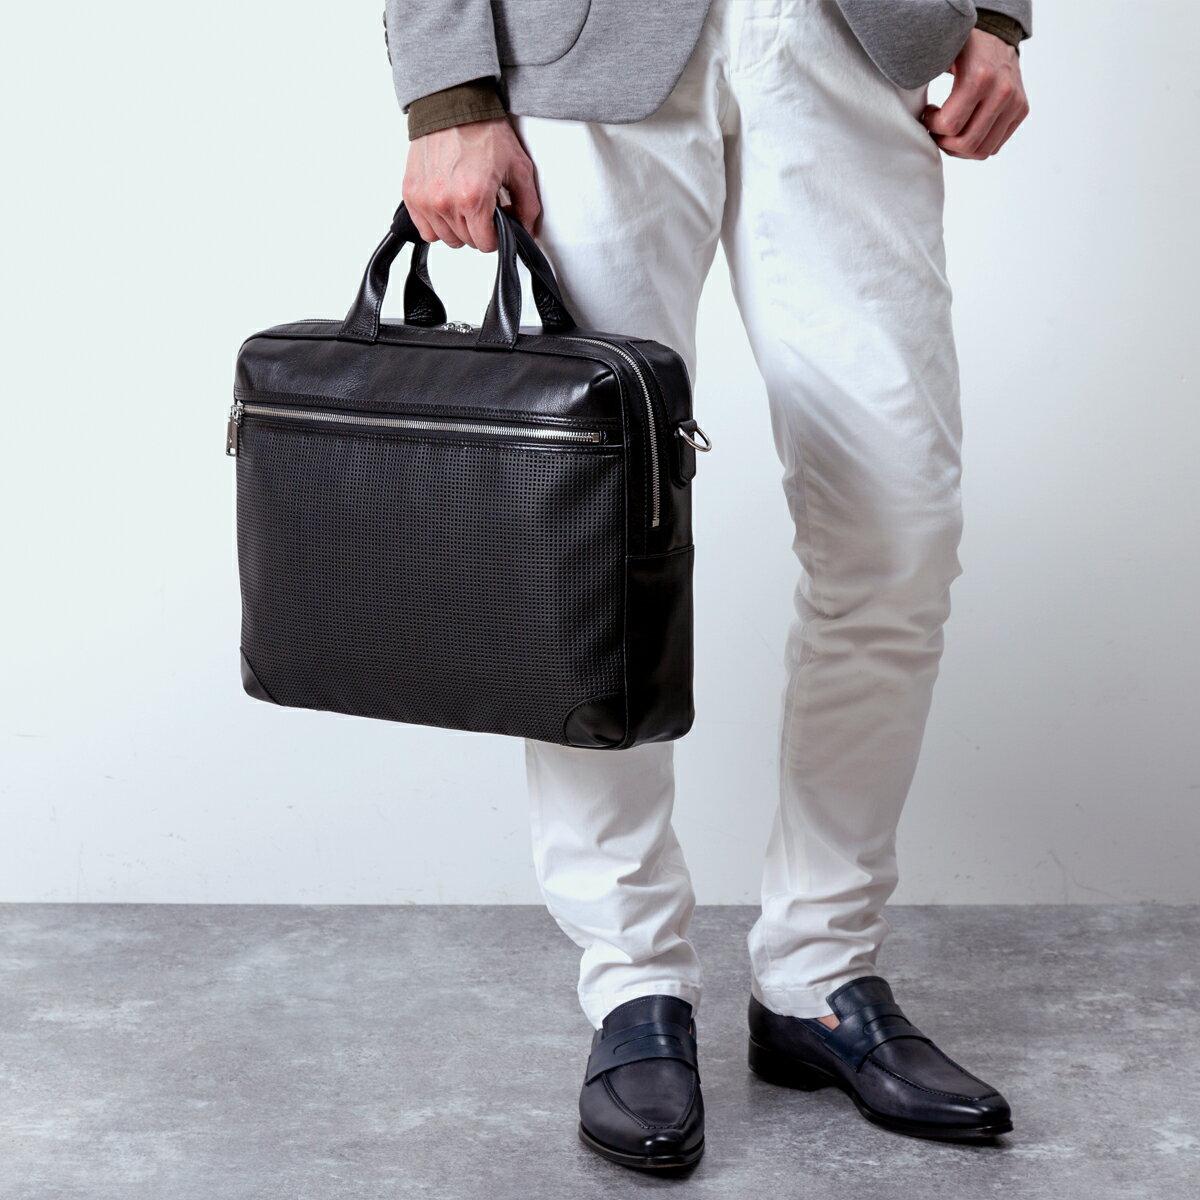 Totem Re Vooo(トーテムリボー) 3wayブリーフケース ビジネスリュック ビジネスバッグ 豊岡鞄 メンズ レディース 通勤 本革 牛革 レザー パンチングレザー ショルダーバッグ 軽量 日本製 限定カラー ブラック/ TRV0705 ARTPHERE(アートフィアー)